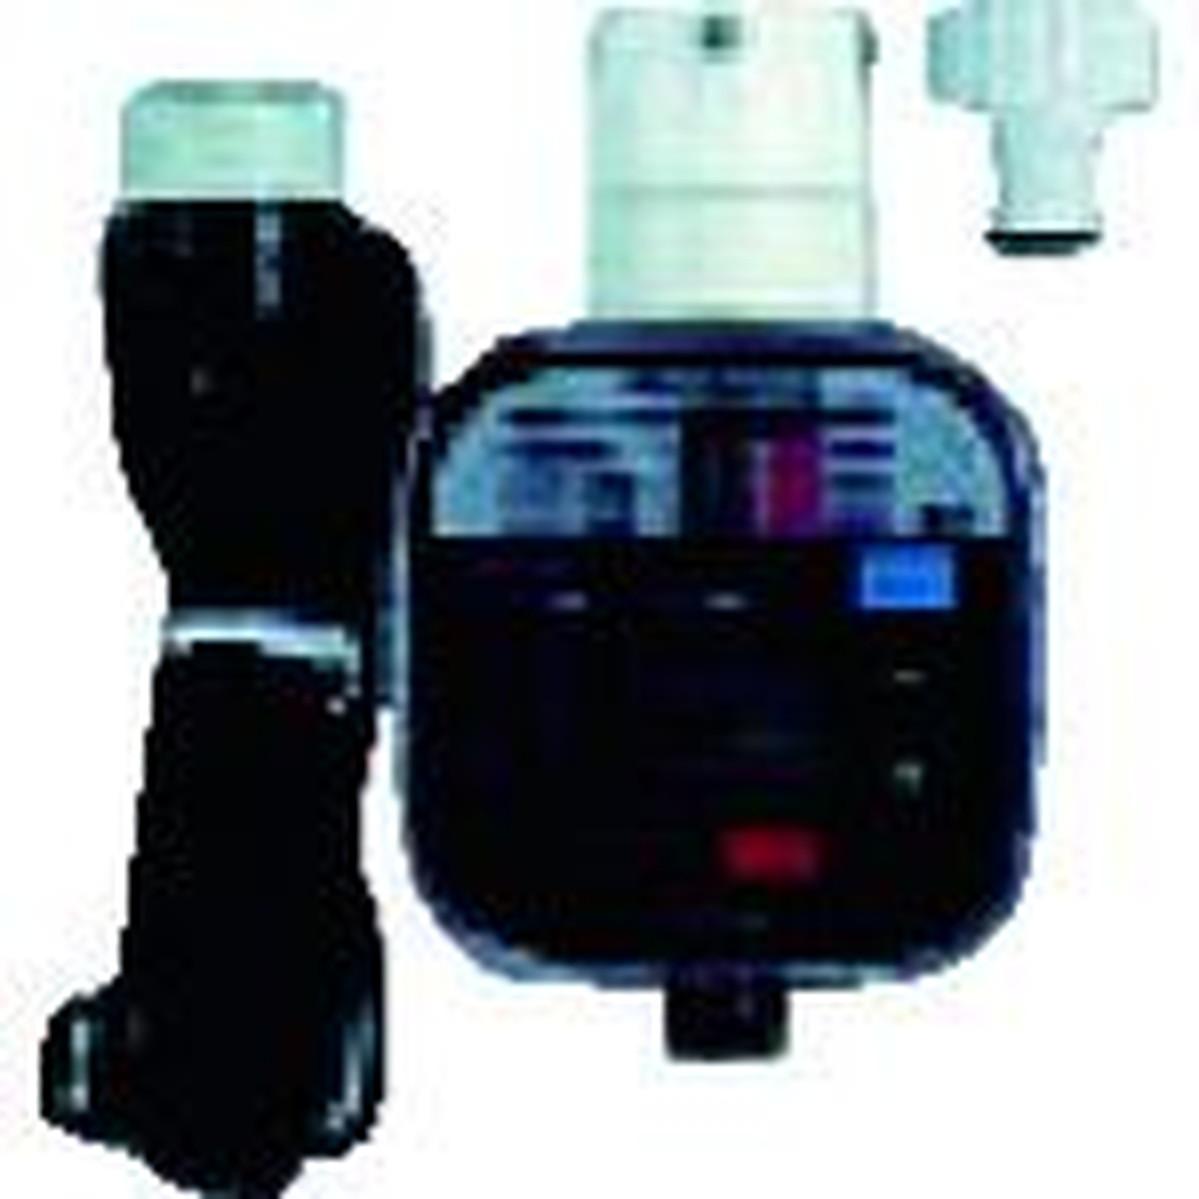 最新の激安 タカギ 1Sタカギ かんたん水やりタイマー雨センサー付 1S, 有田市:b3b612fc --- independentescortsdelhi.in